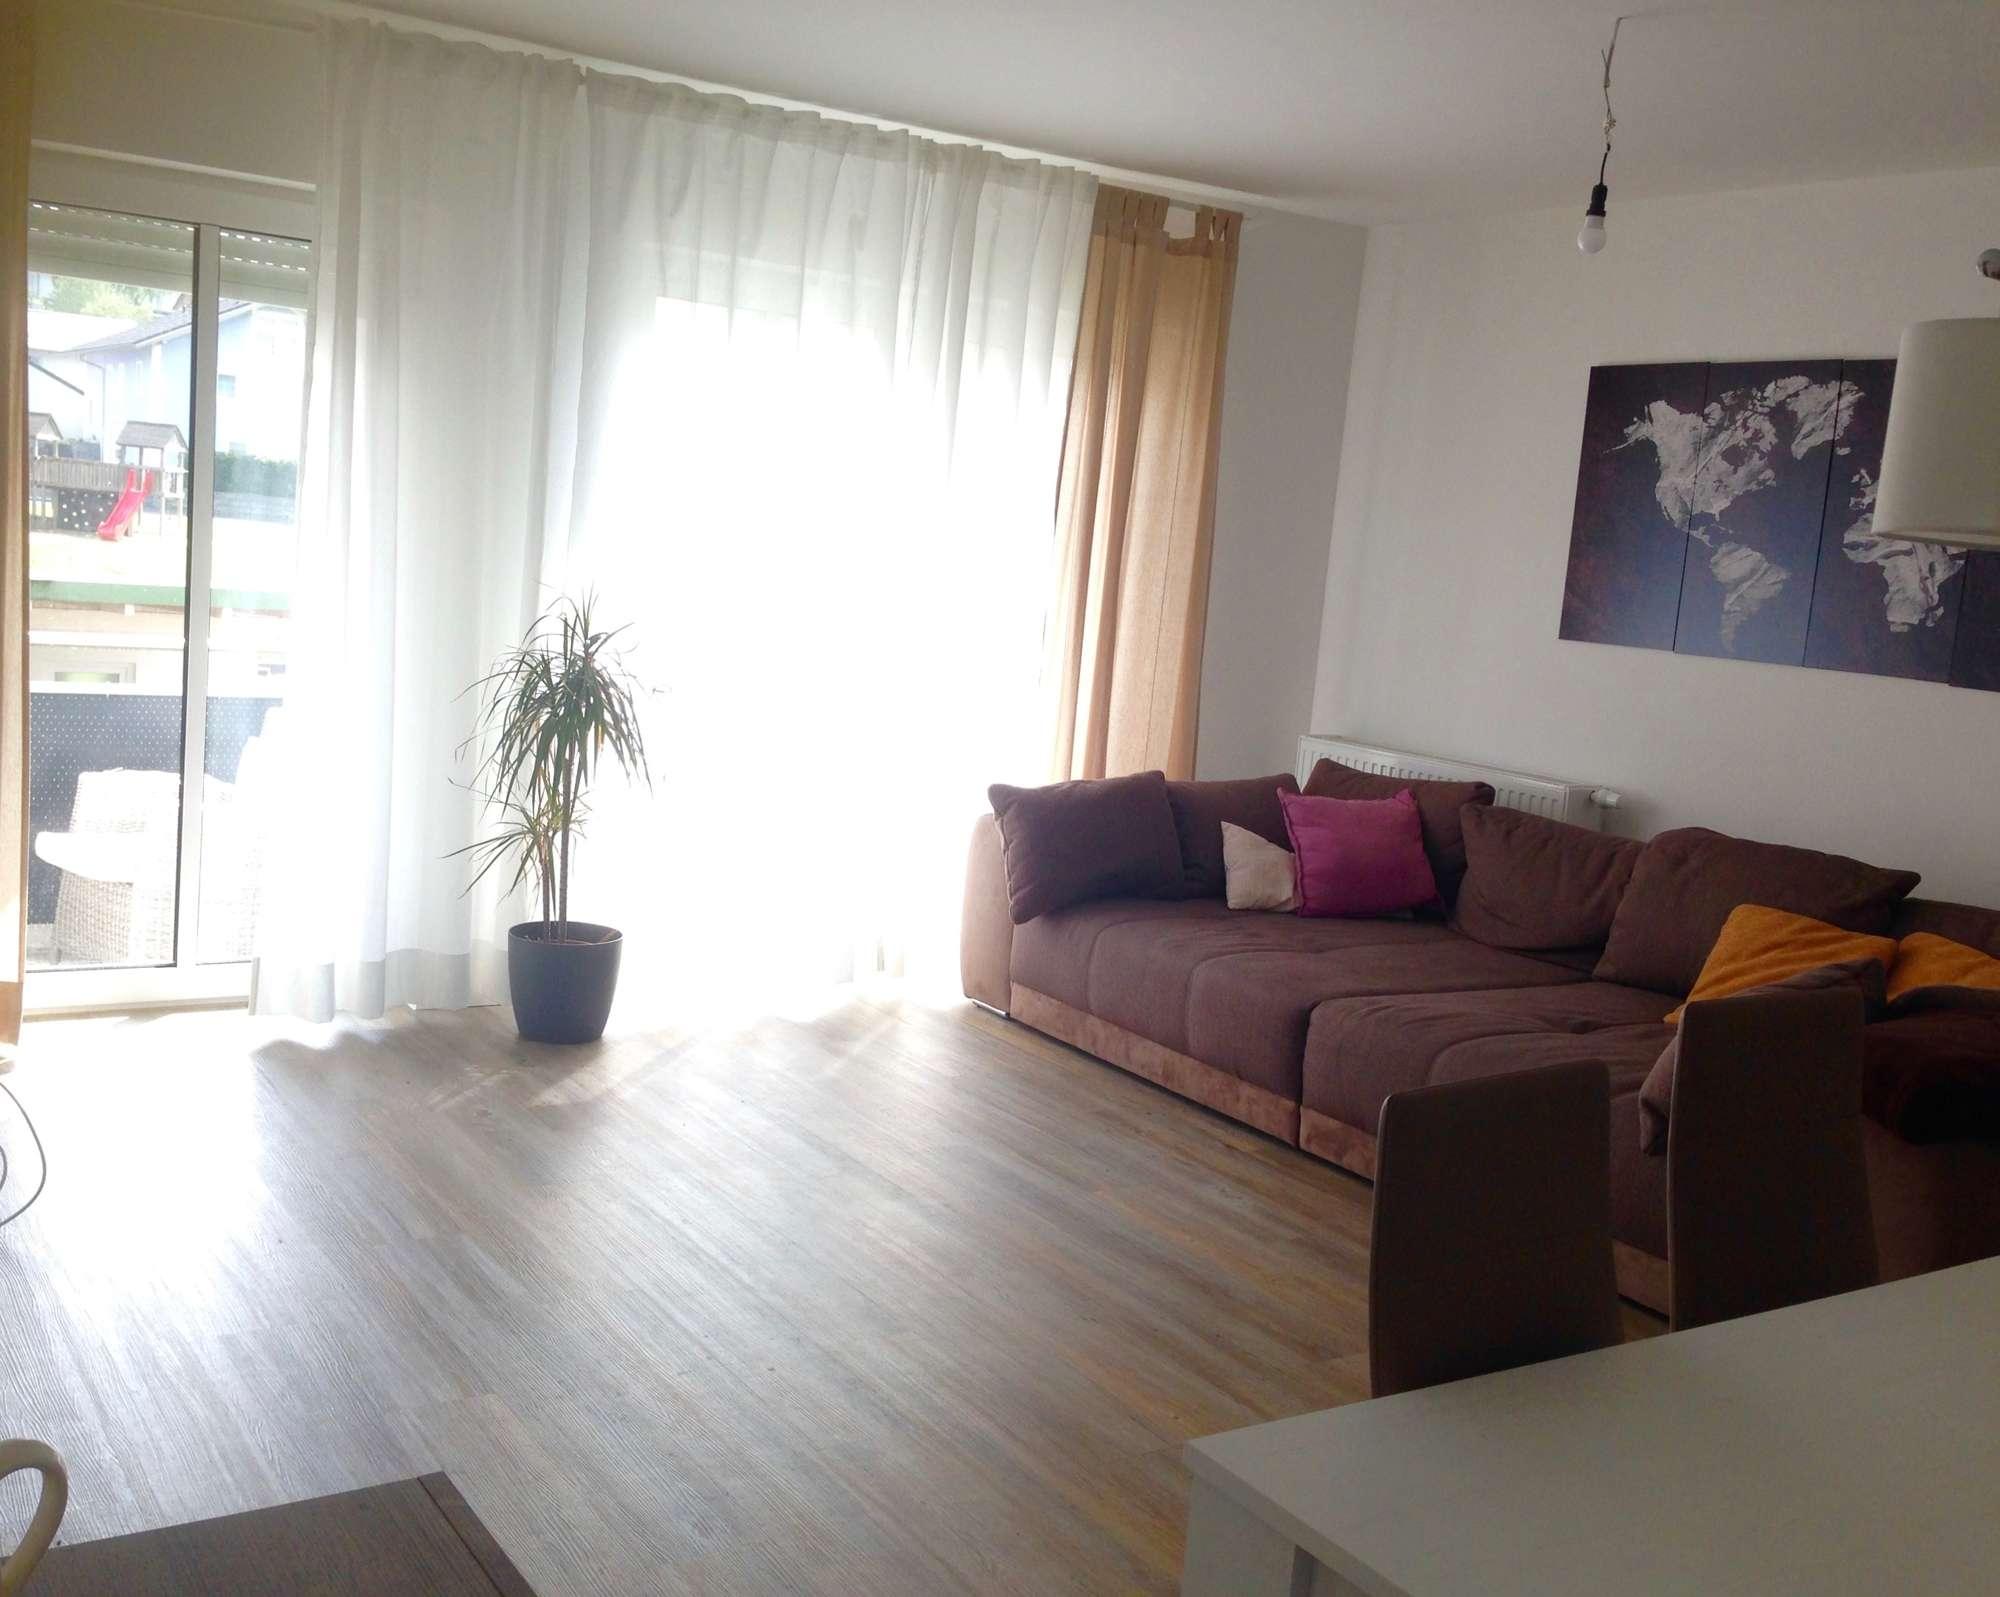 Moderne Neubau-Wohnung mit hochwertiger Ausstattung in ruhiger Lage von Salzweg!